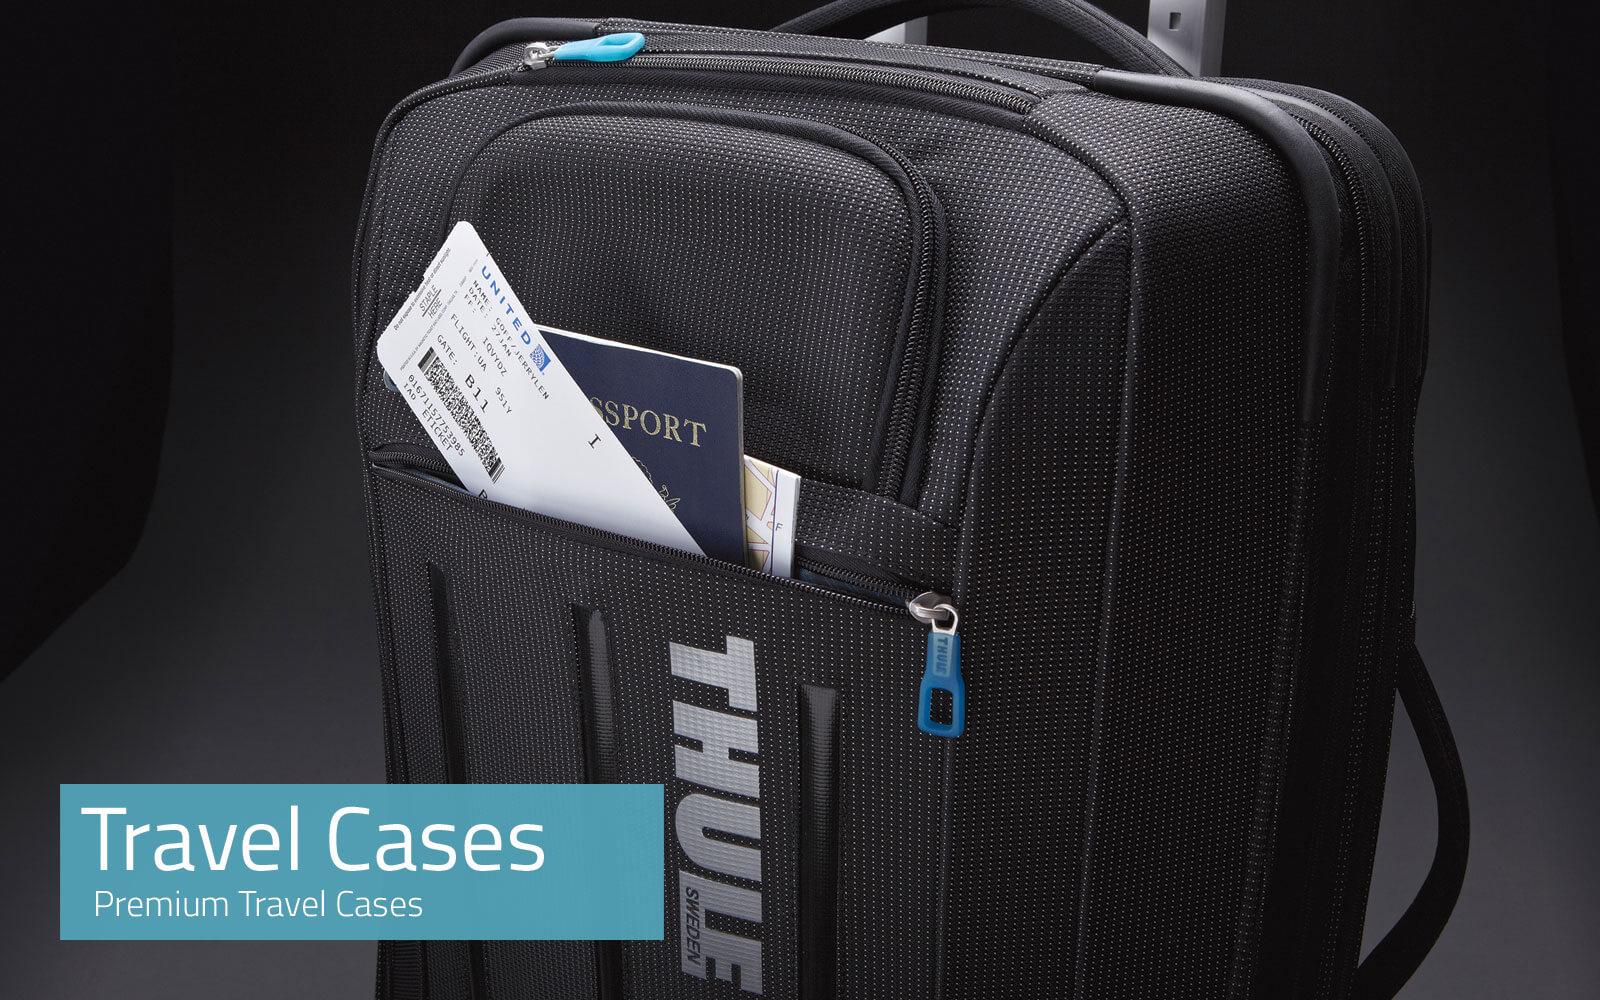 Premium Travel Cases